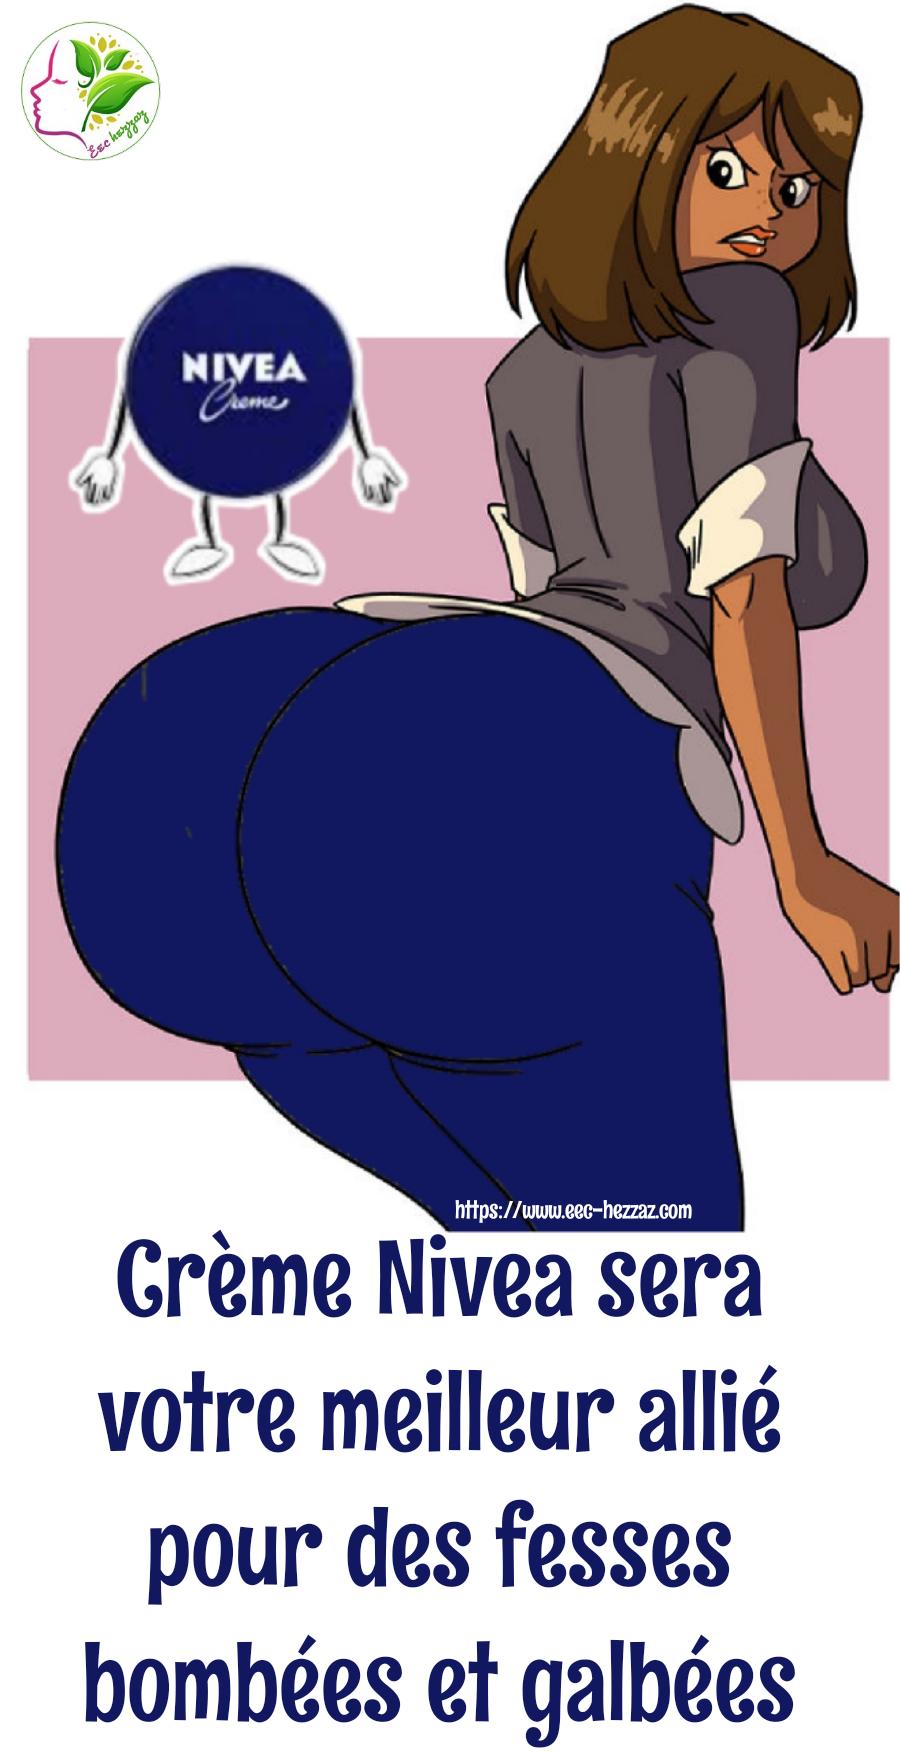 Crème Nivea sera votre meilleur allié pour des fesses bombées et galbées